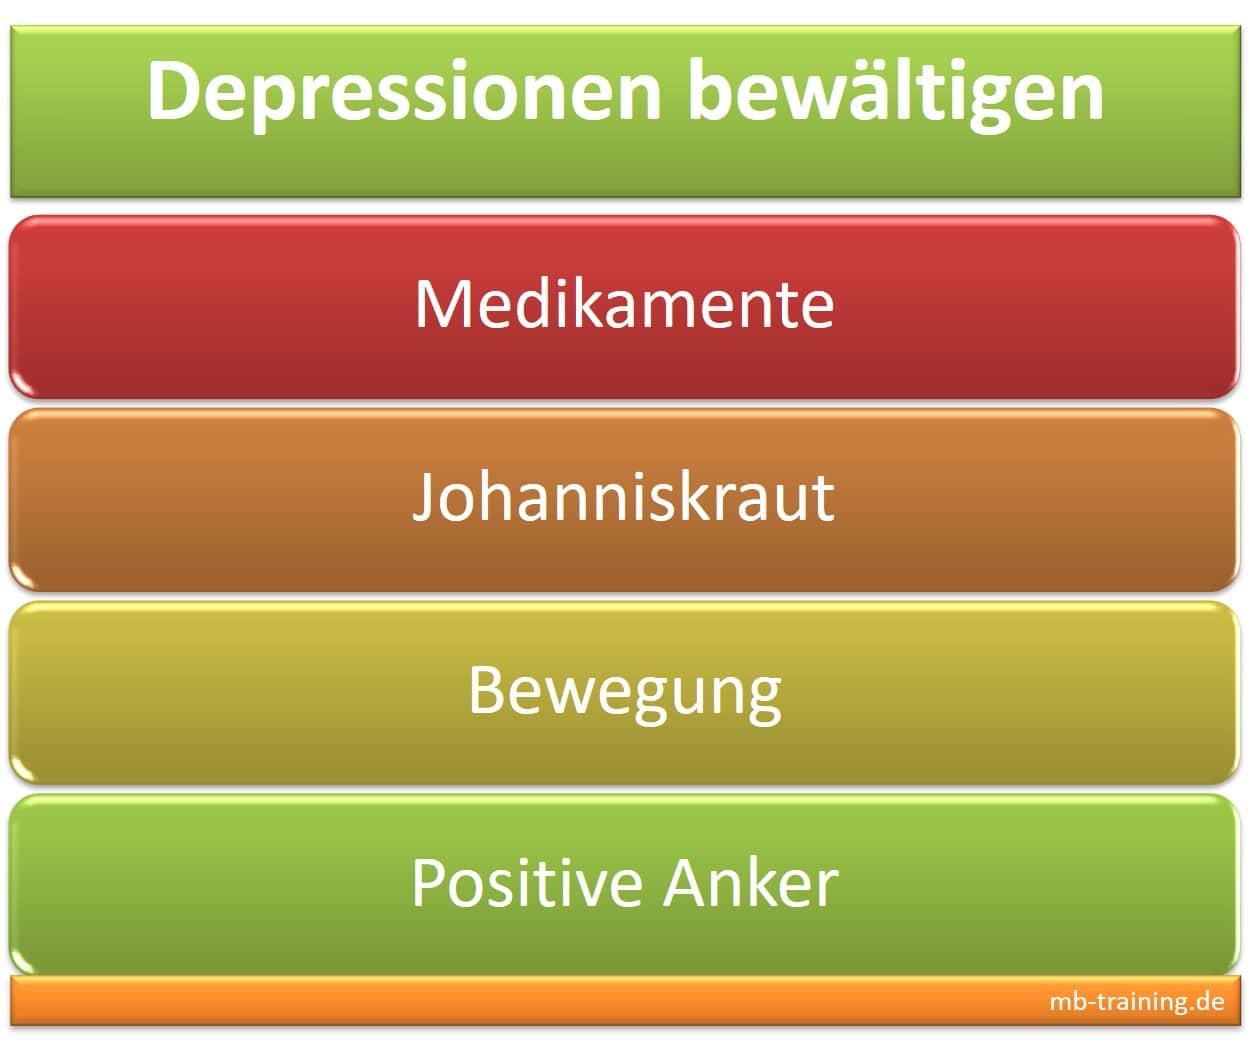 Depressionen bewältigen mit den unterschiedlichsten Behandlungen mit Bewegung, Medikamente sowie Johanniskraut, auch positive Anker nutzen